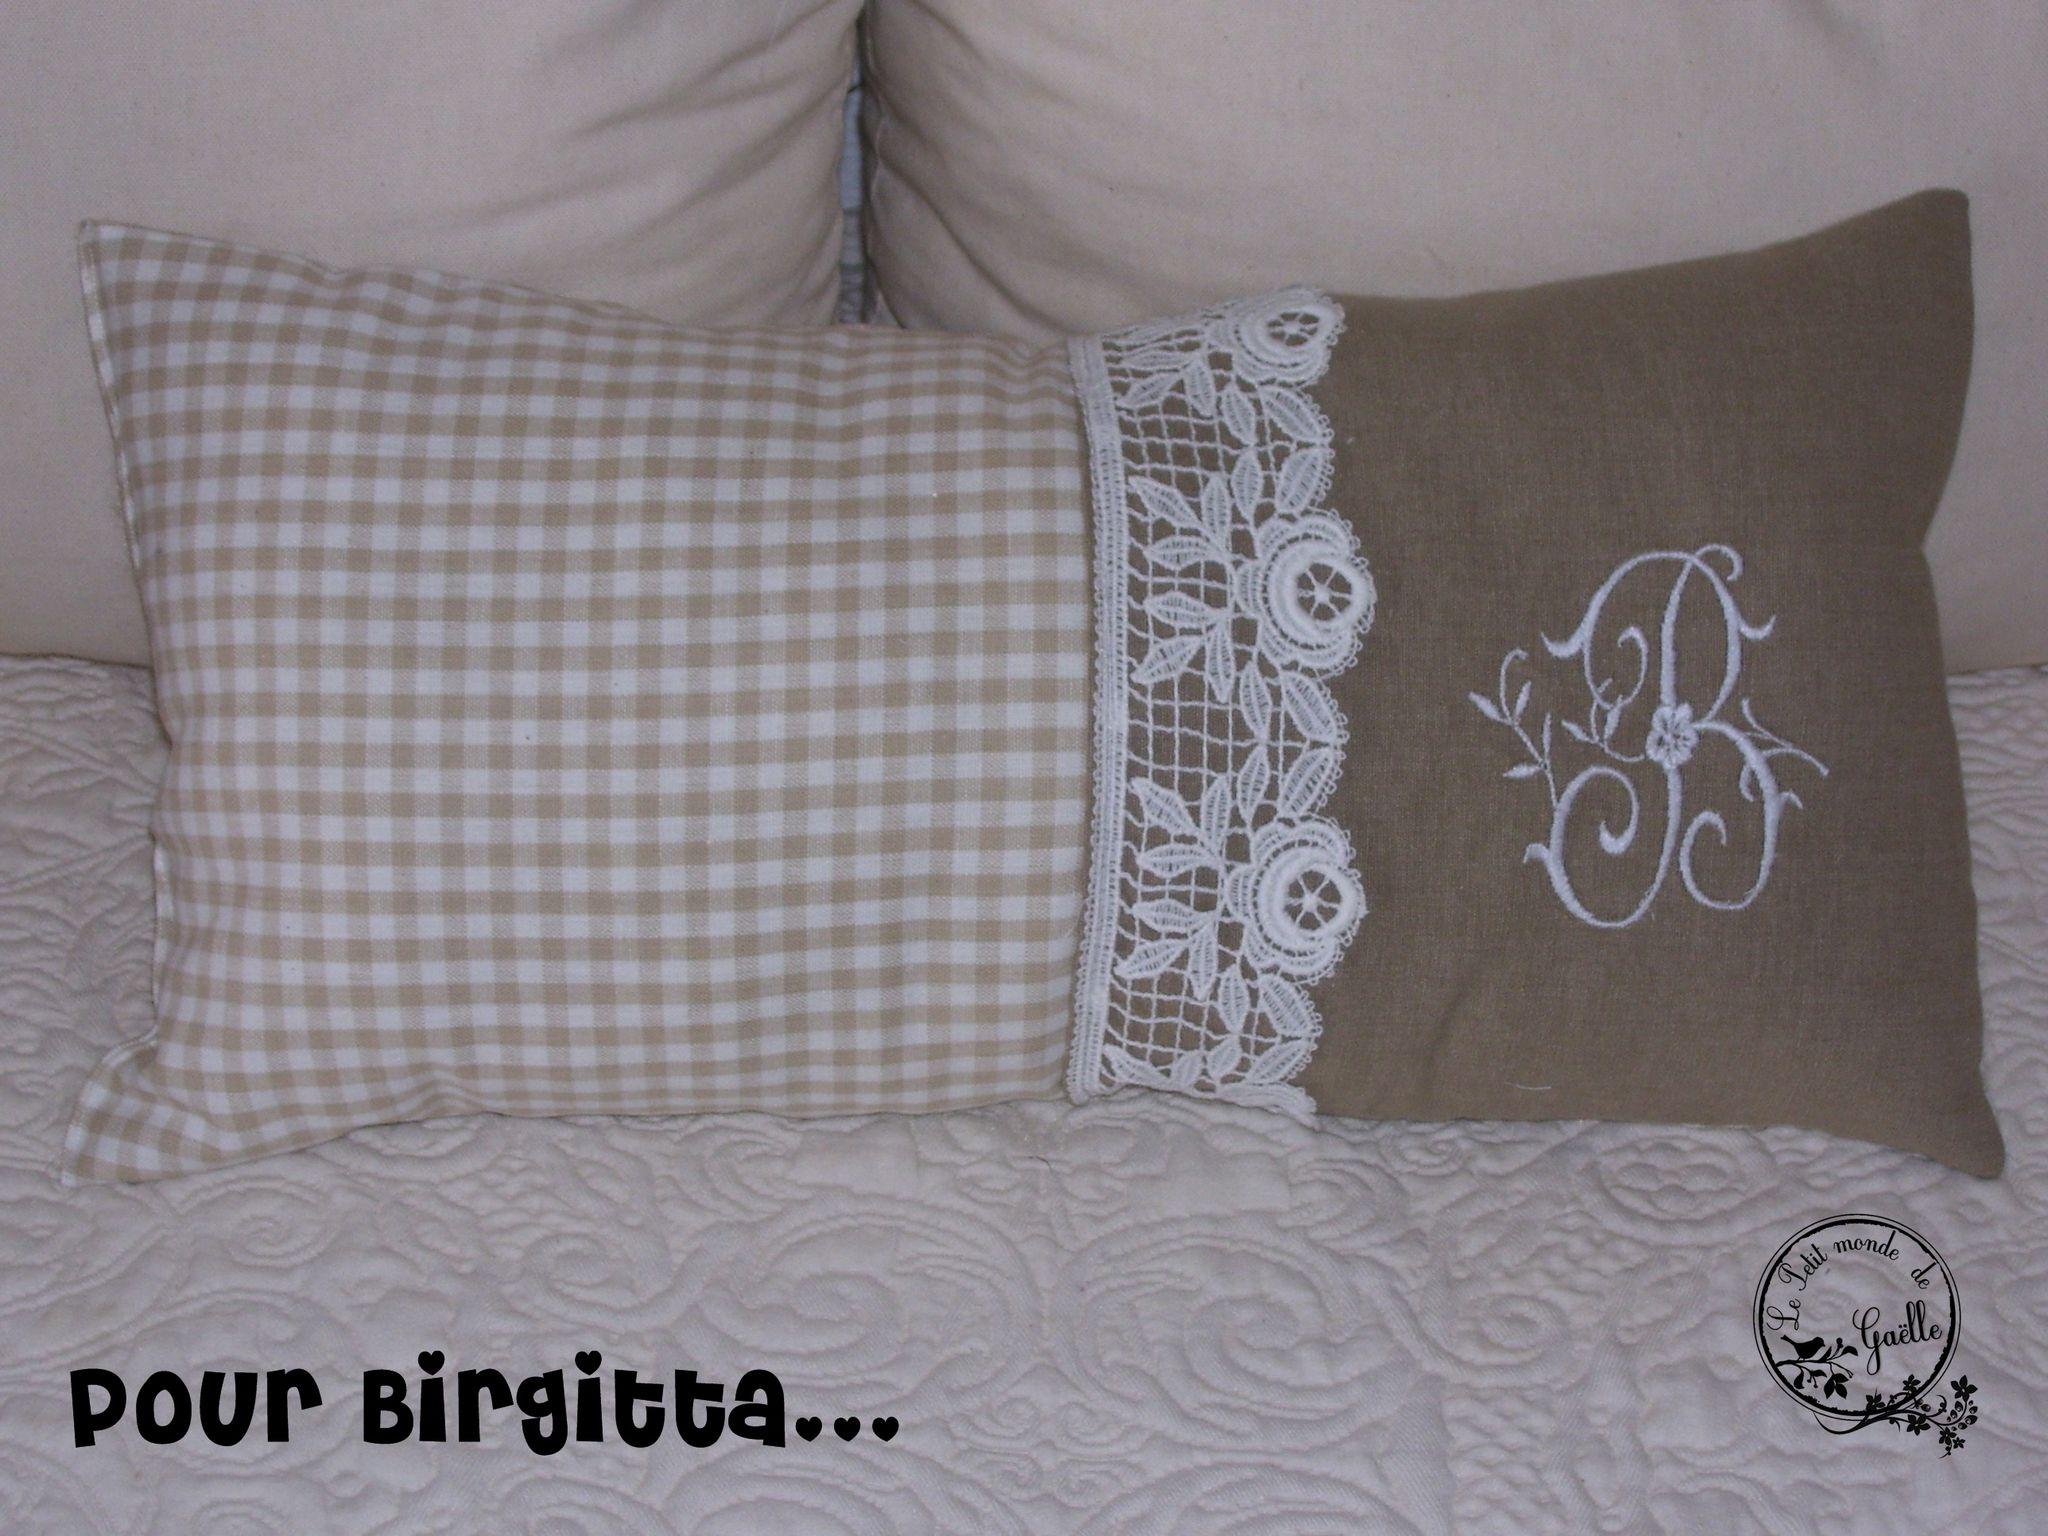 Coussin pour Birgitta...